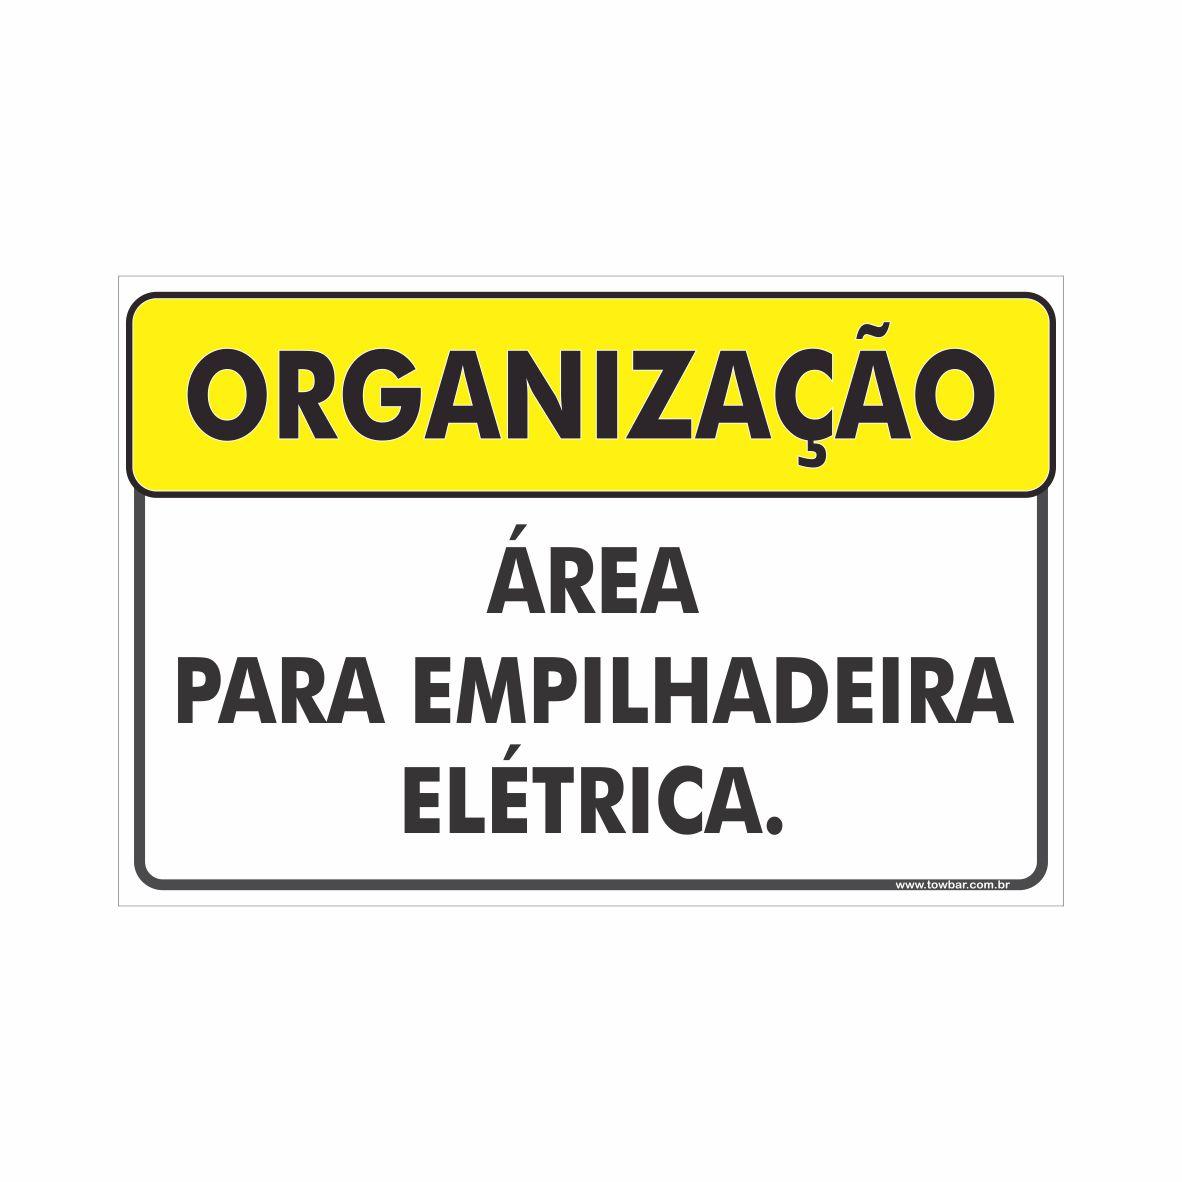 Área para empilhadeira elétrica  - Towbar Sinalização de Segurança